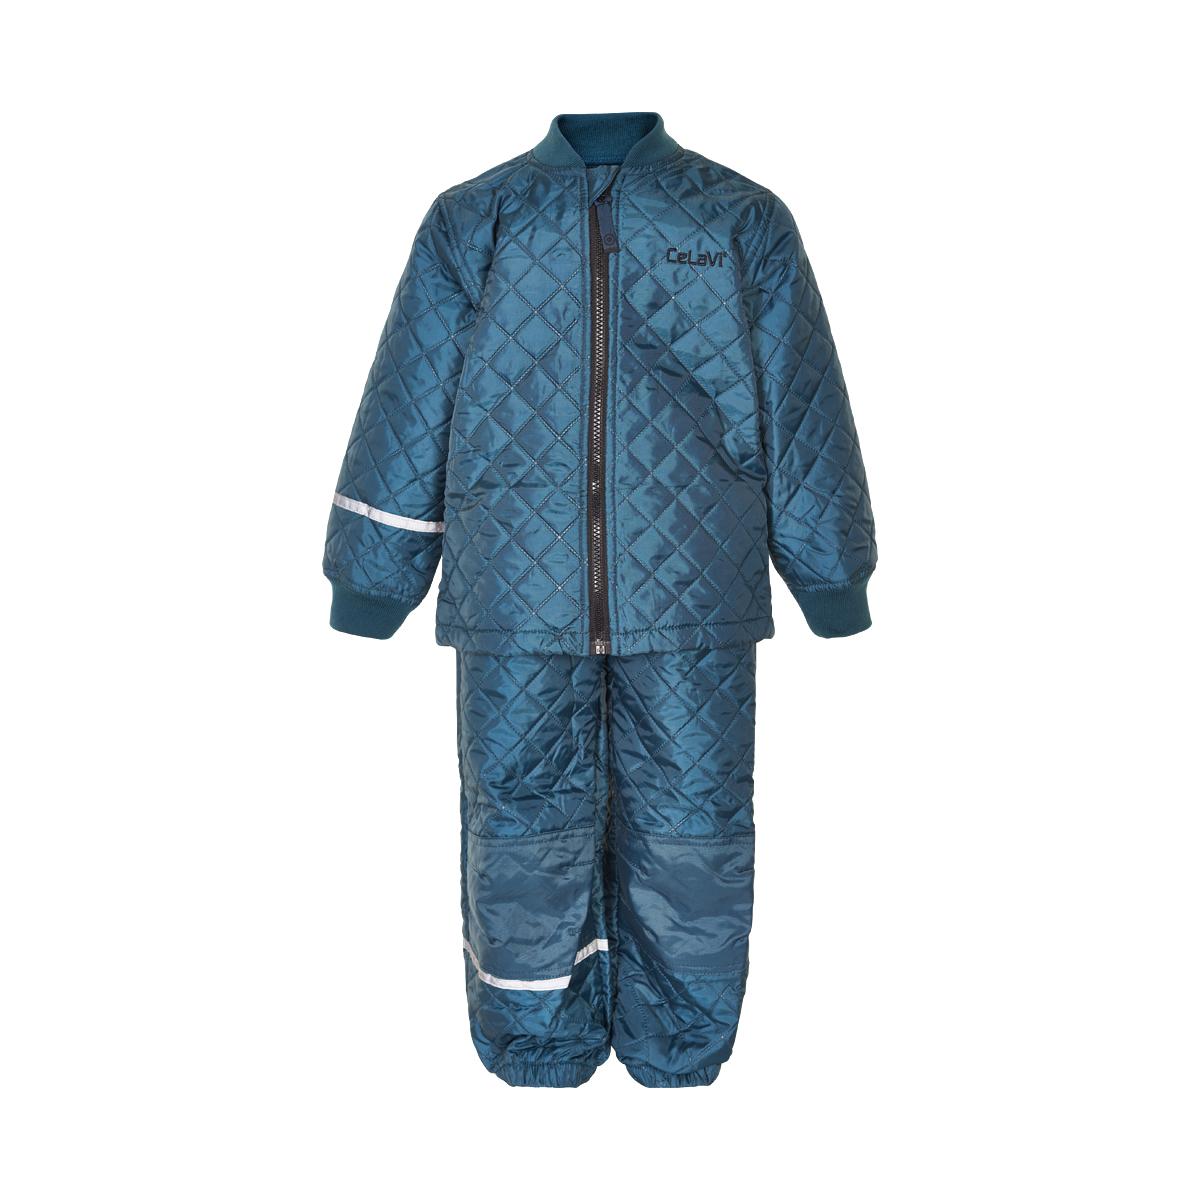 CeLaVi dětský termo oblek 3555-717